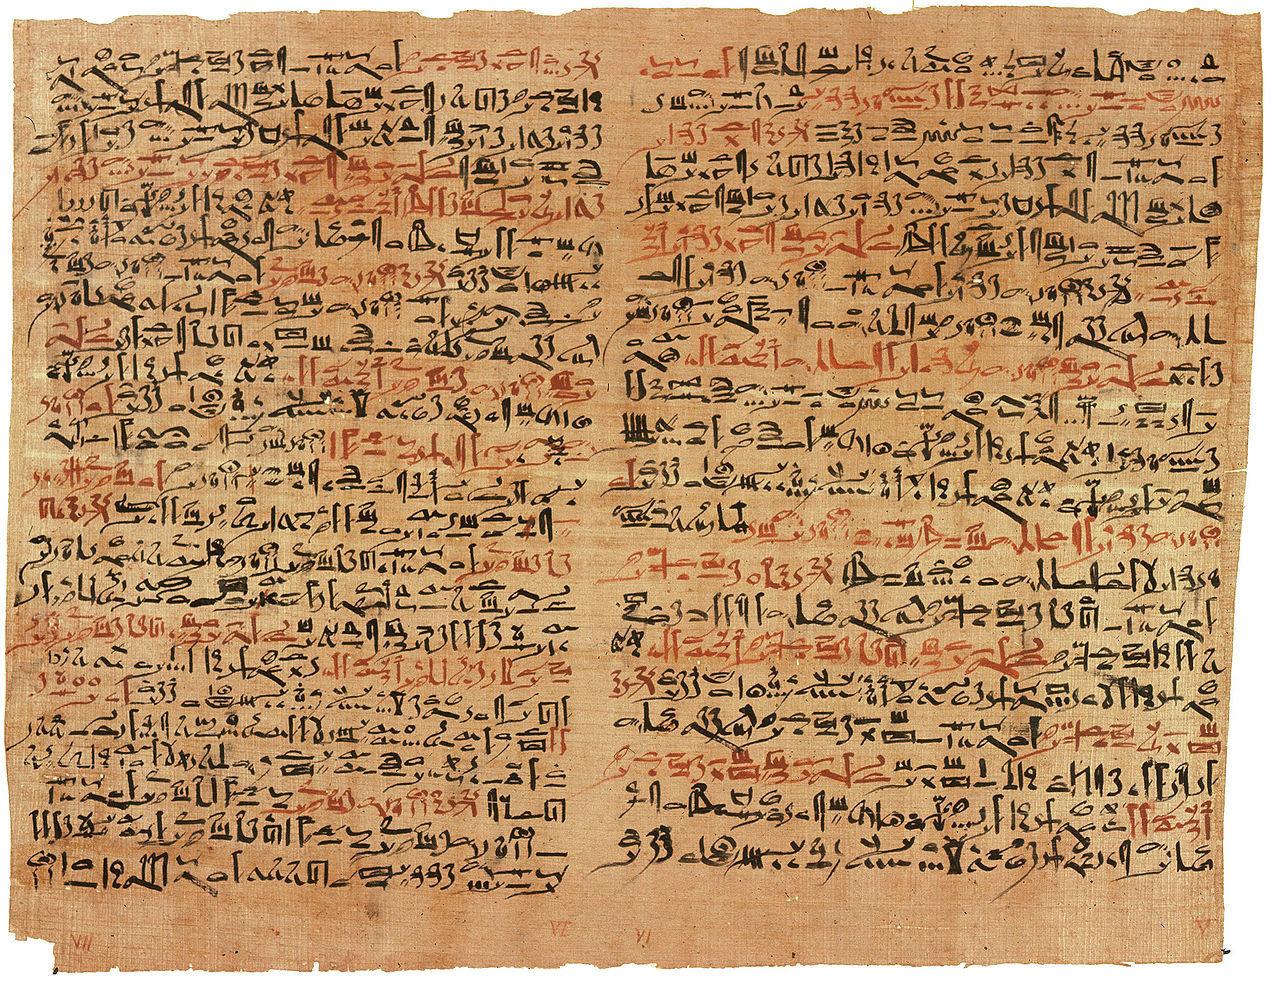 История изучения мозга от Древнего Египта до начала XX века - 4